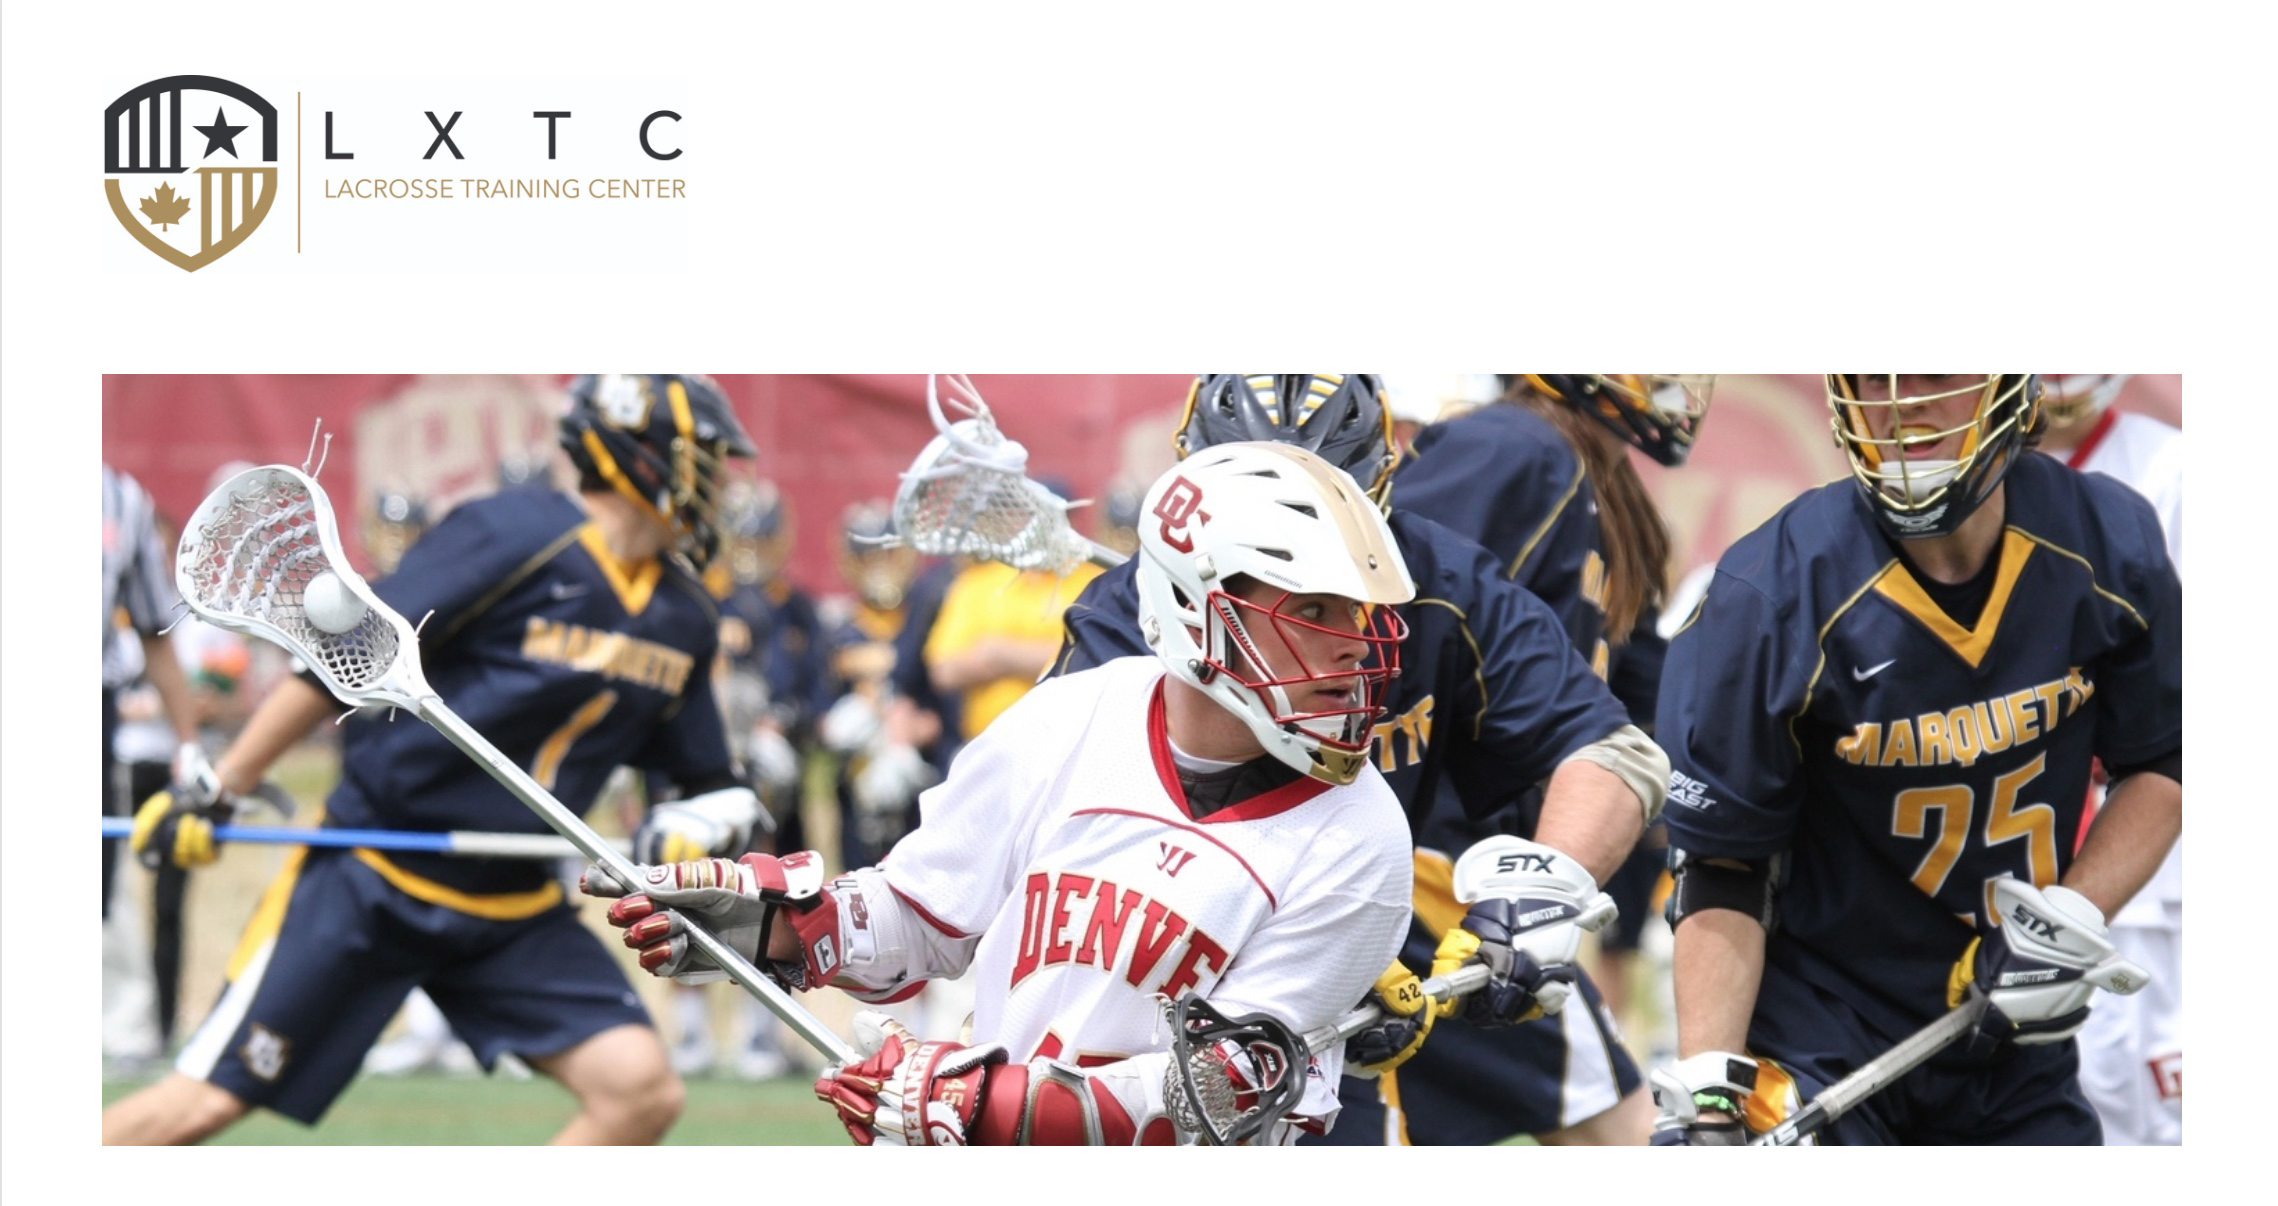 LXTC Lacrosse , Lacrosse, Goal, Field